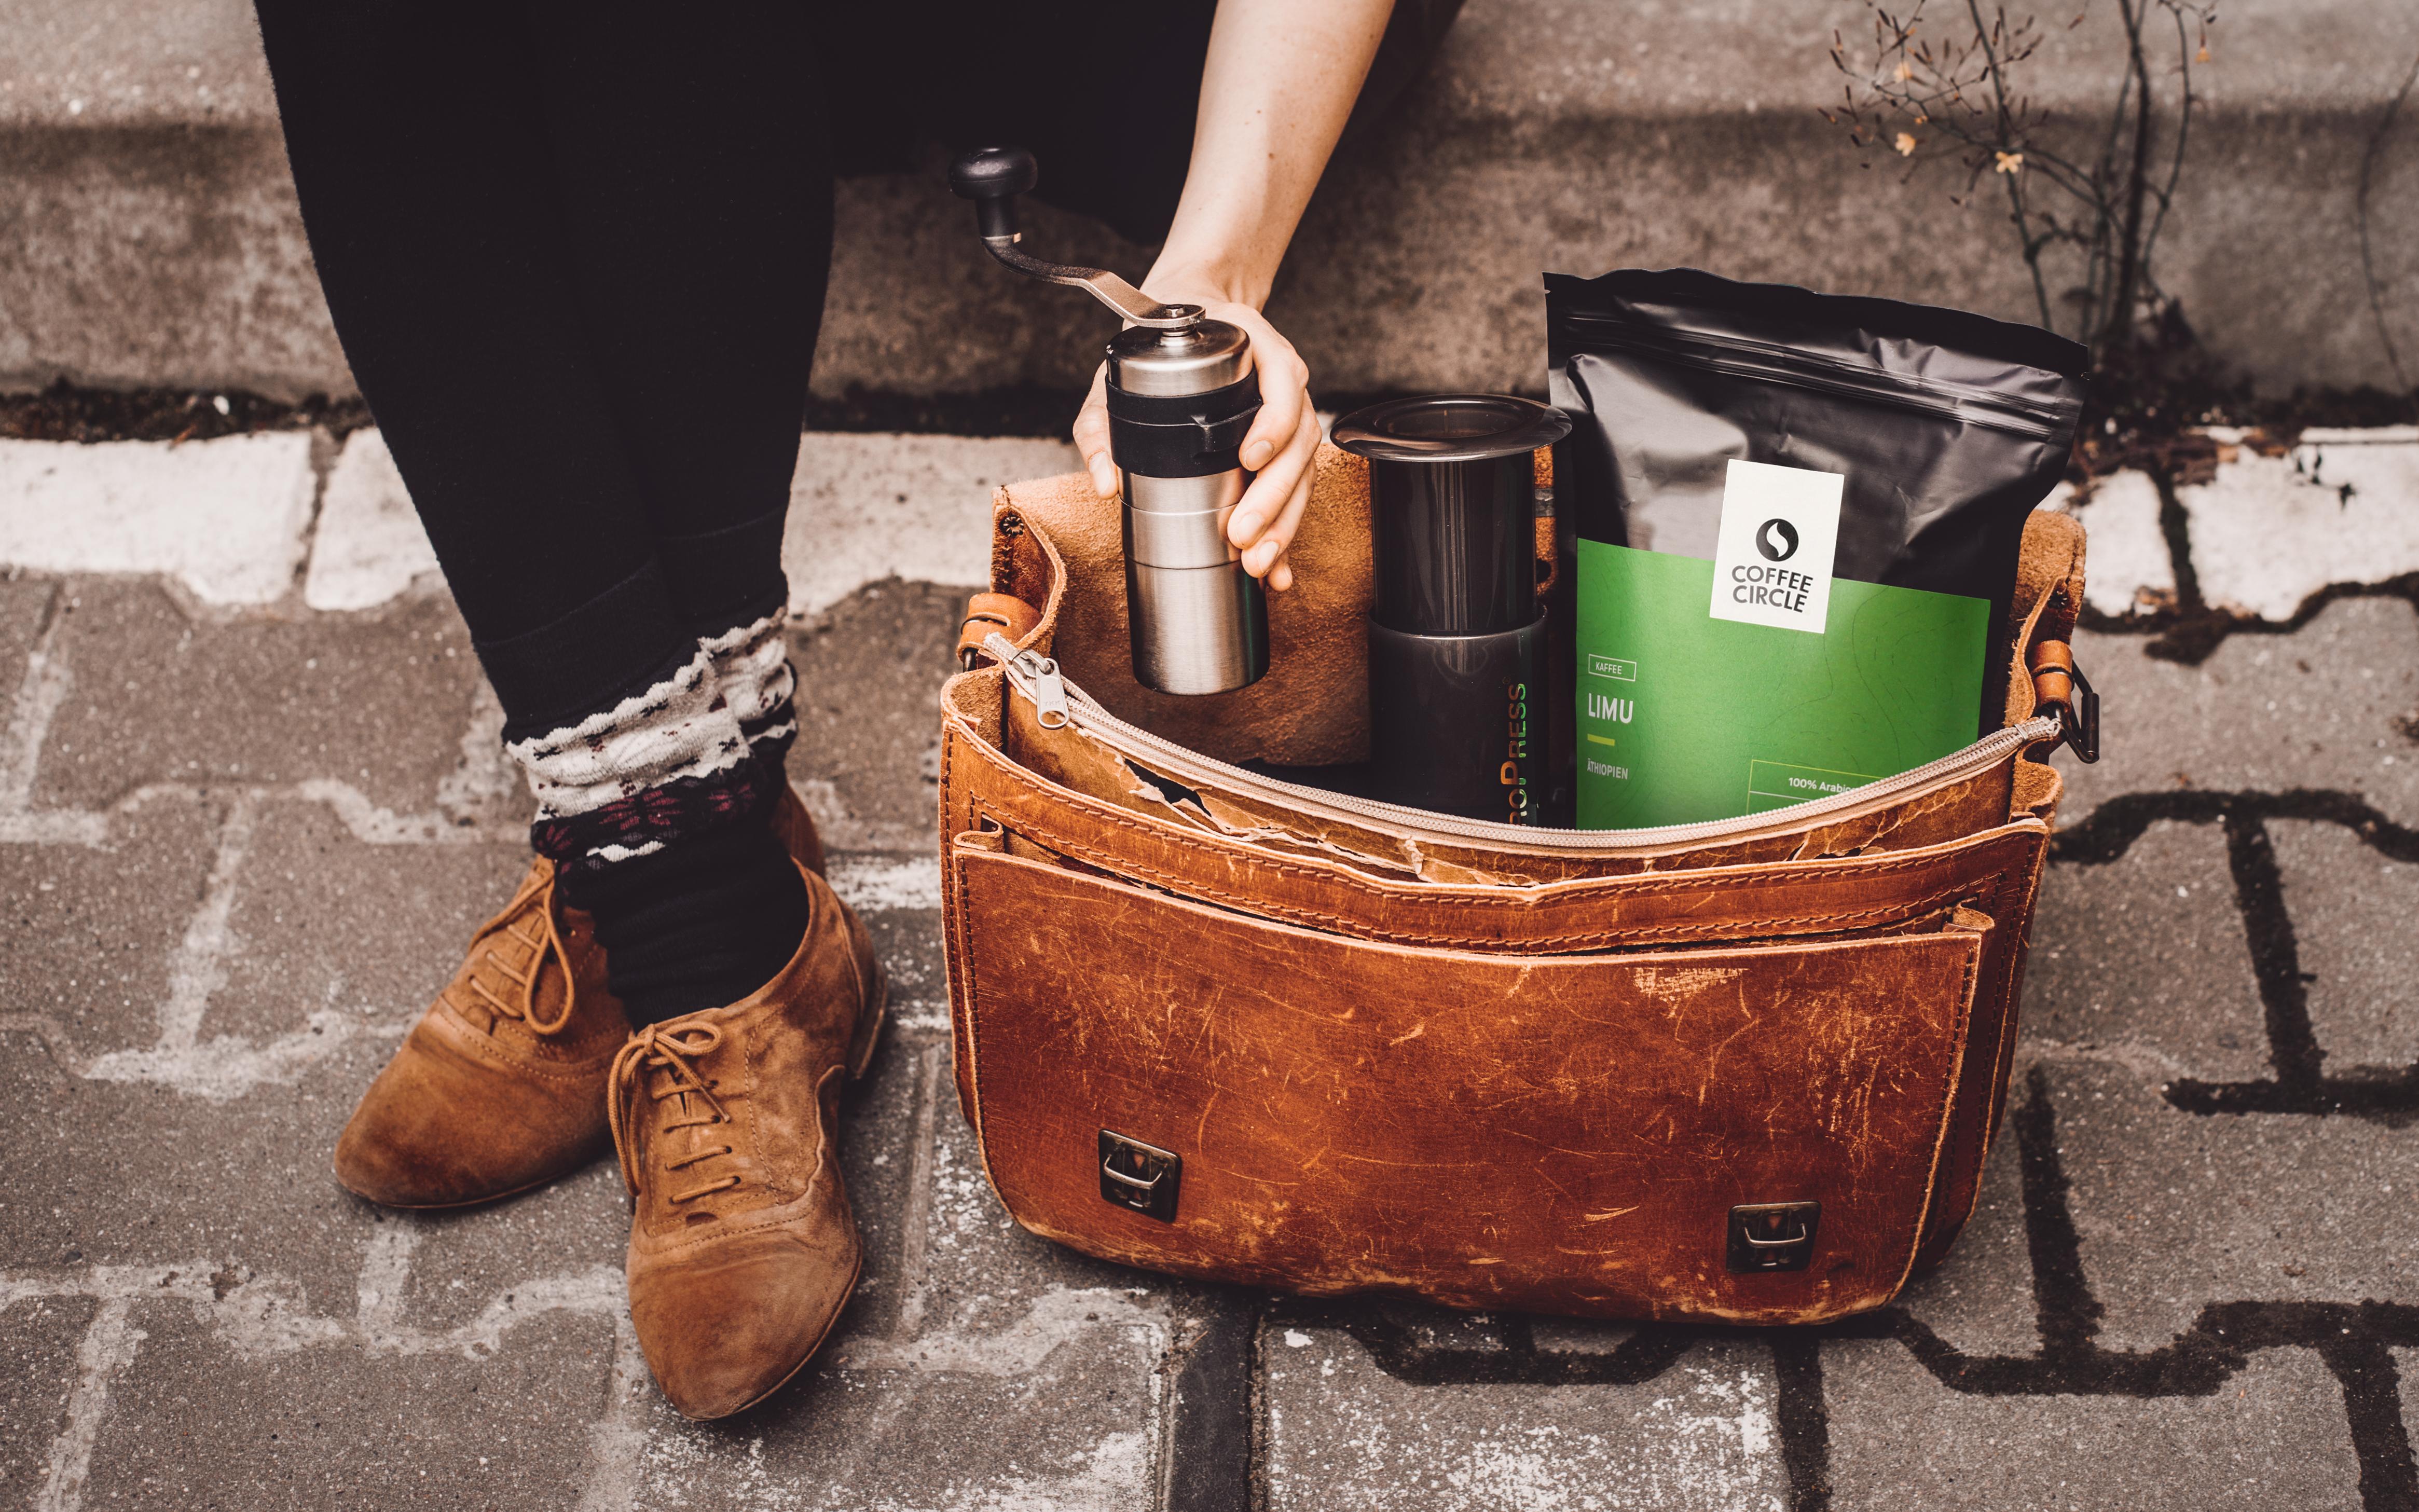 Die AeroPress und Porlex Mühle sind perfekt für Kaffee unterwegs